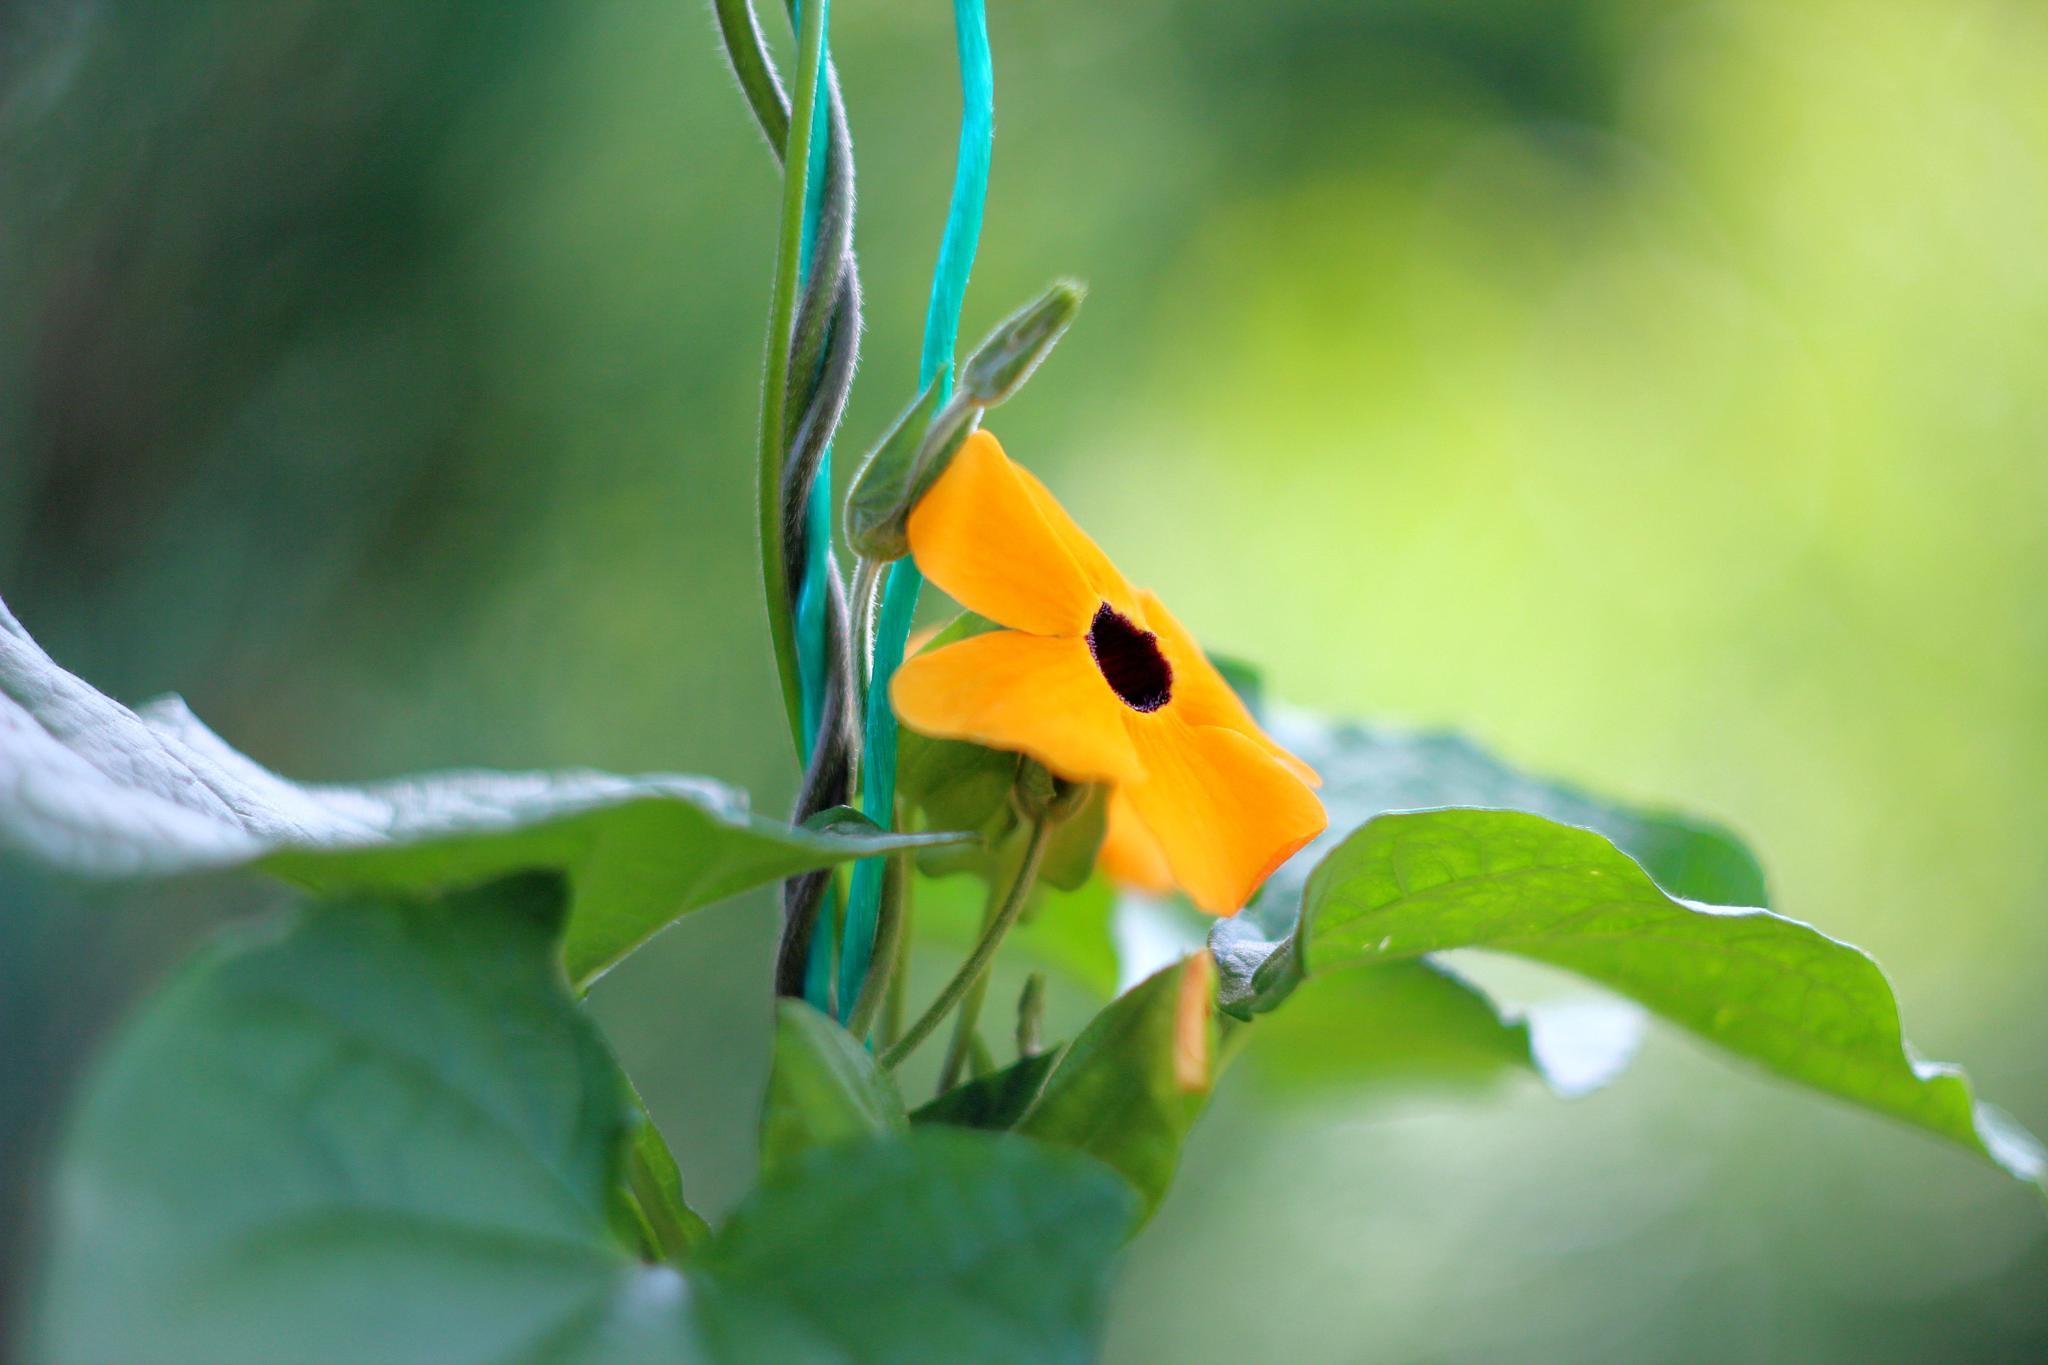 yellow flower by Stanislaw Bomba